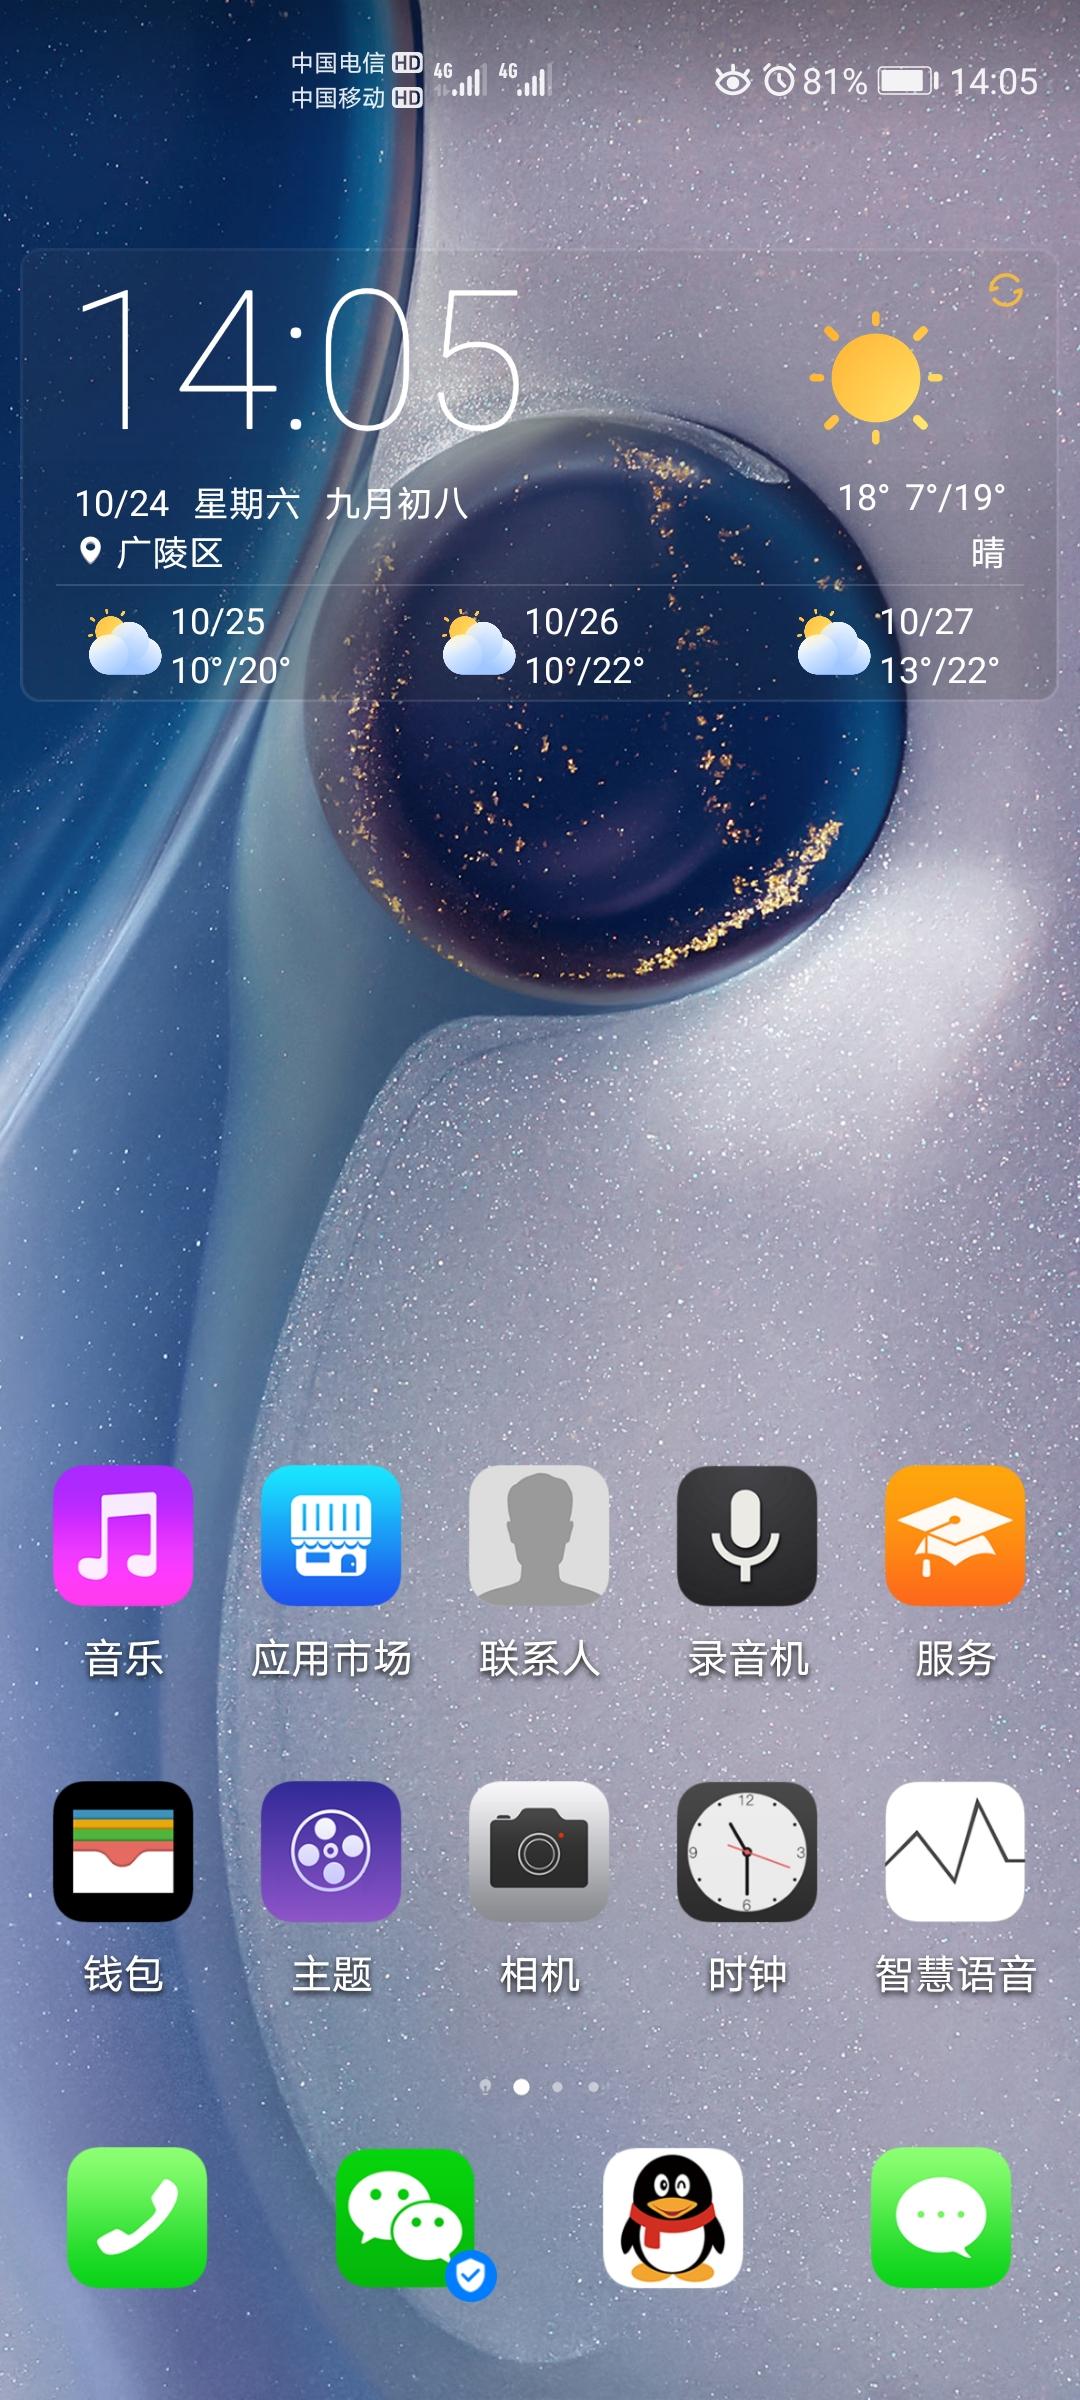 Screenshot_20201024_140556_com.huawei.android.launcher.jpg